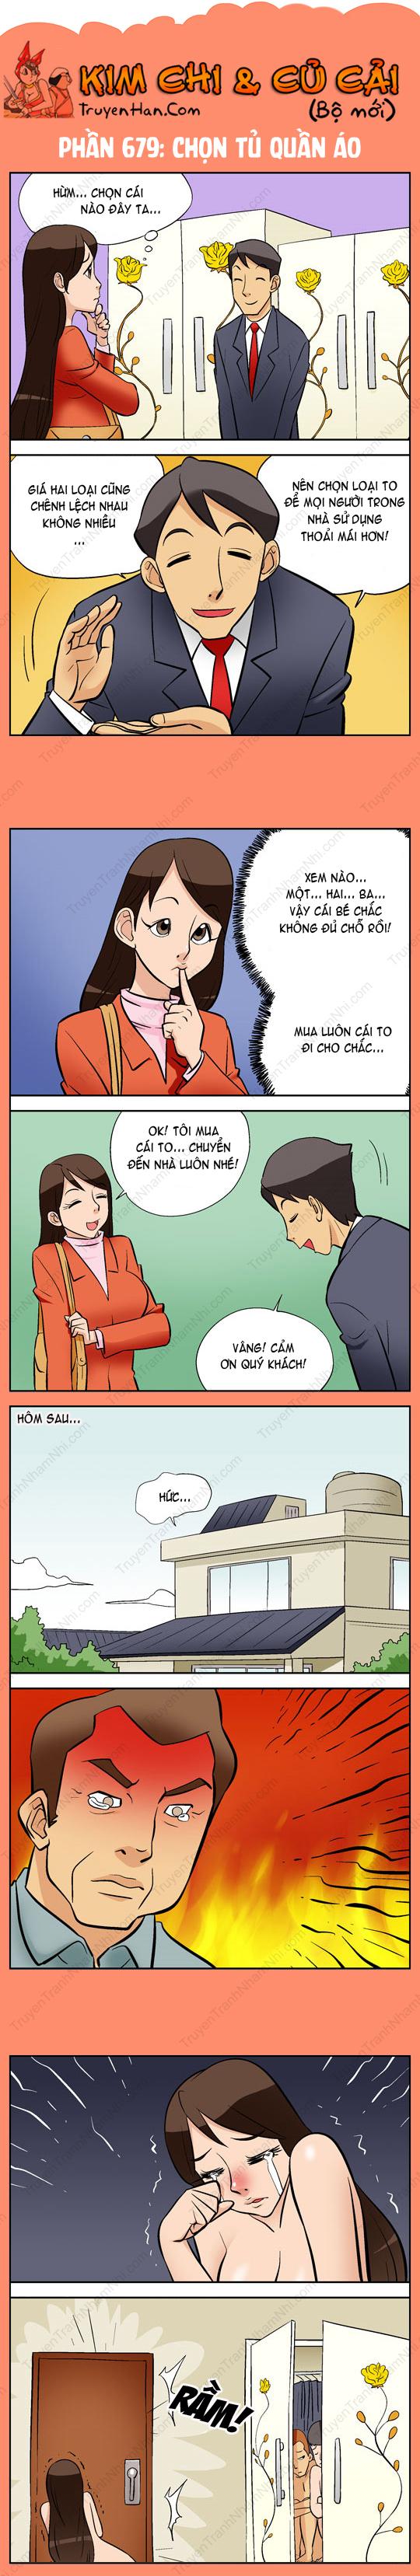 Kim Chi Và Củ Cải phần 679: Chọn tủ quần áo